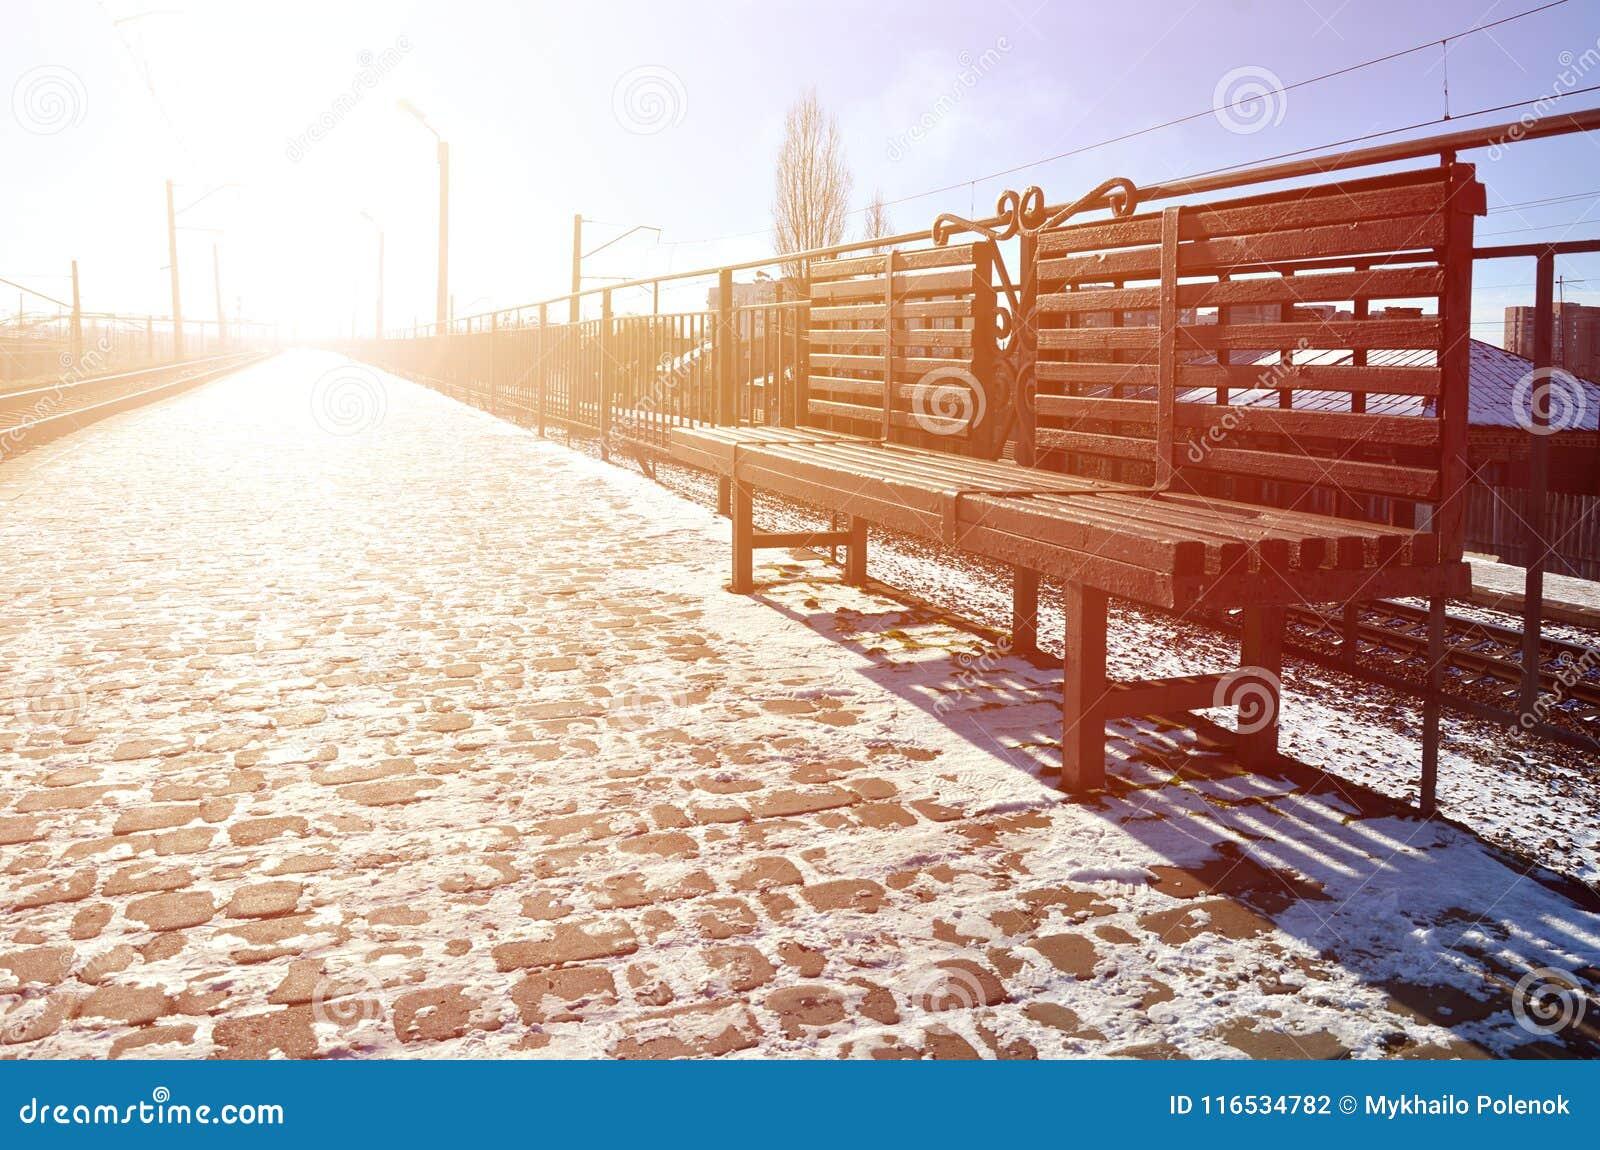 等待的空的火车站平台在哈尔科夫,乌克兰训练` Novoselovka ` 铁路平台在晴朗的冬天da